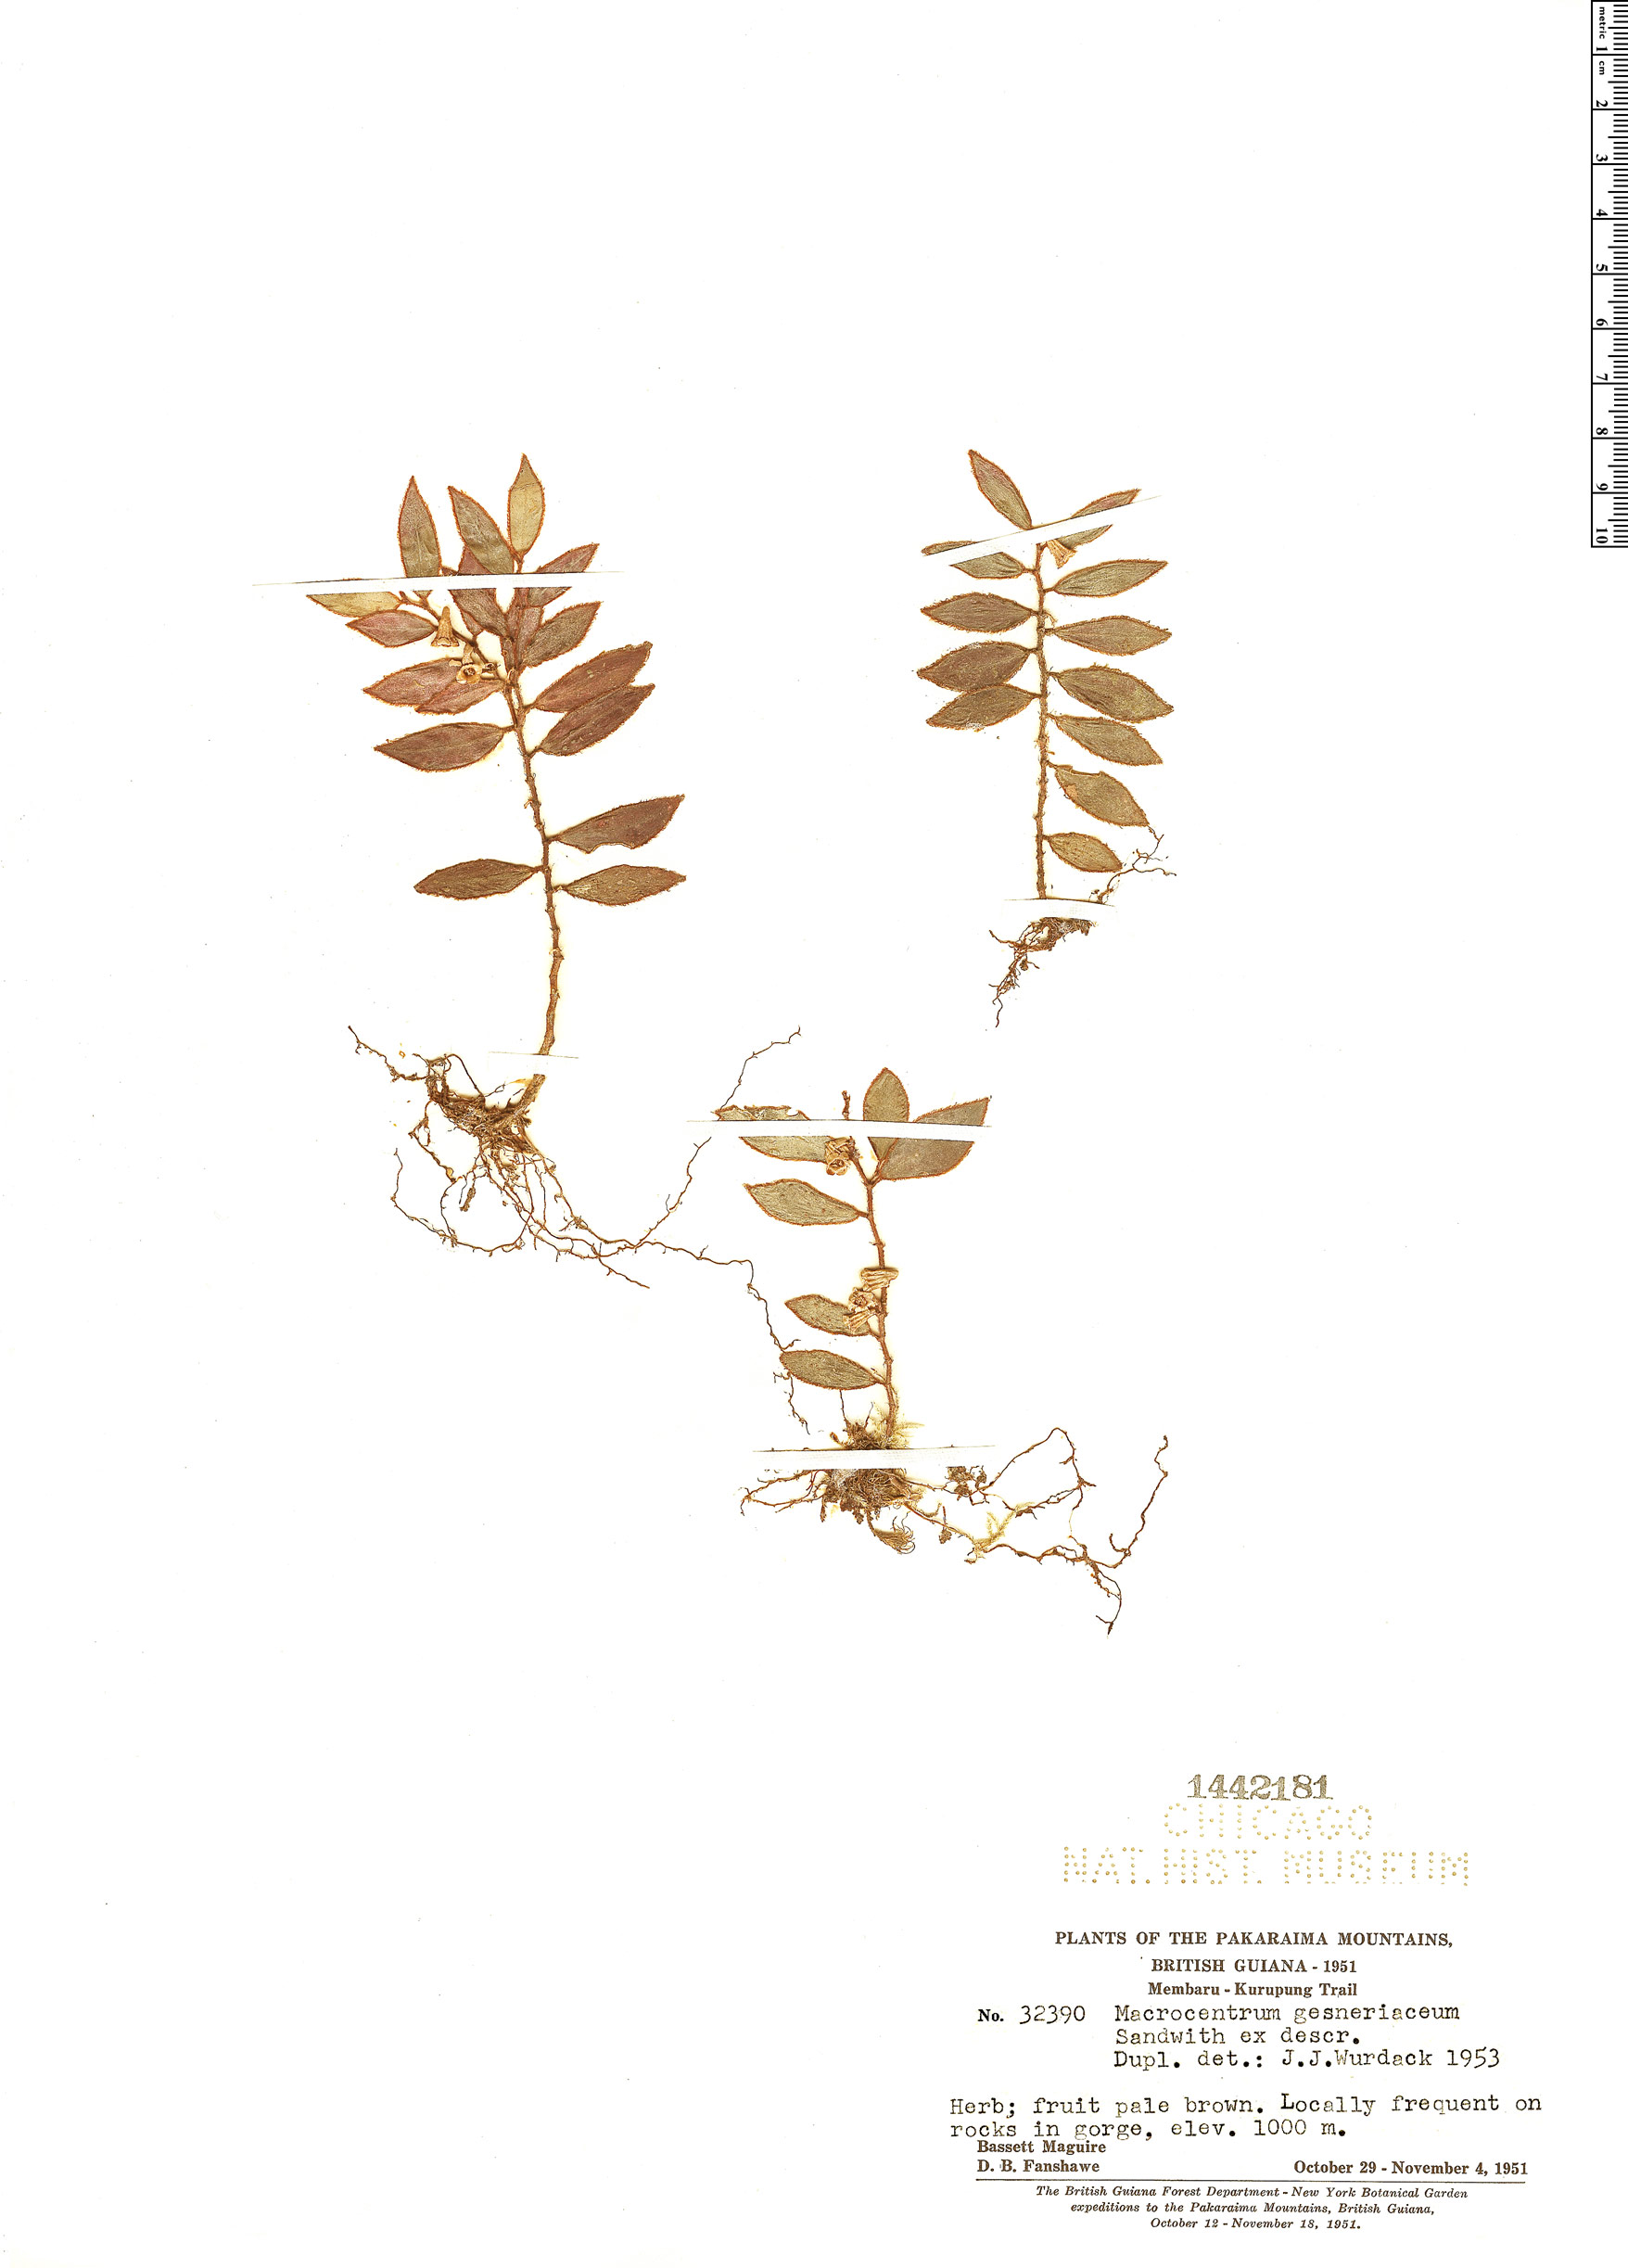 Specimen: Macrocentrum gesneriaceum